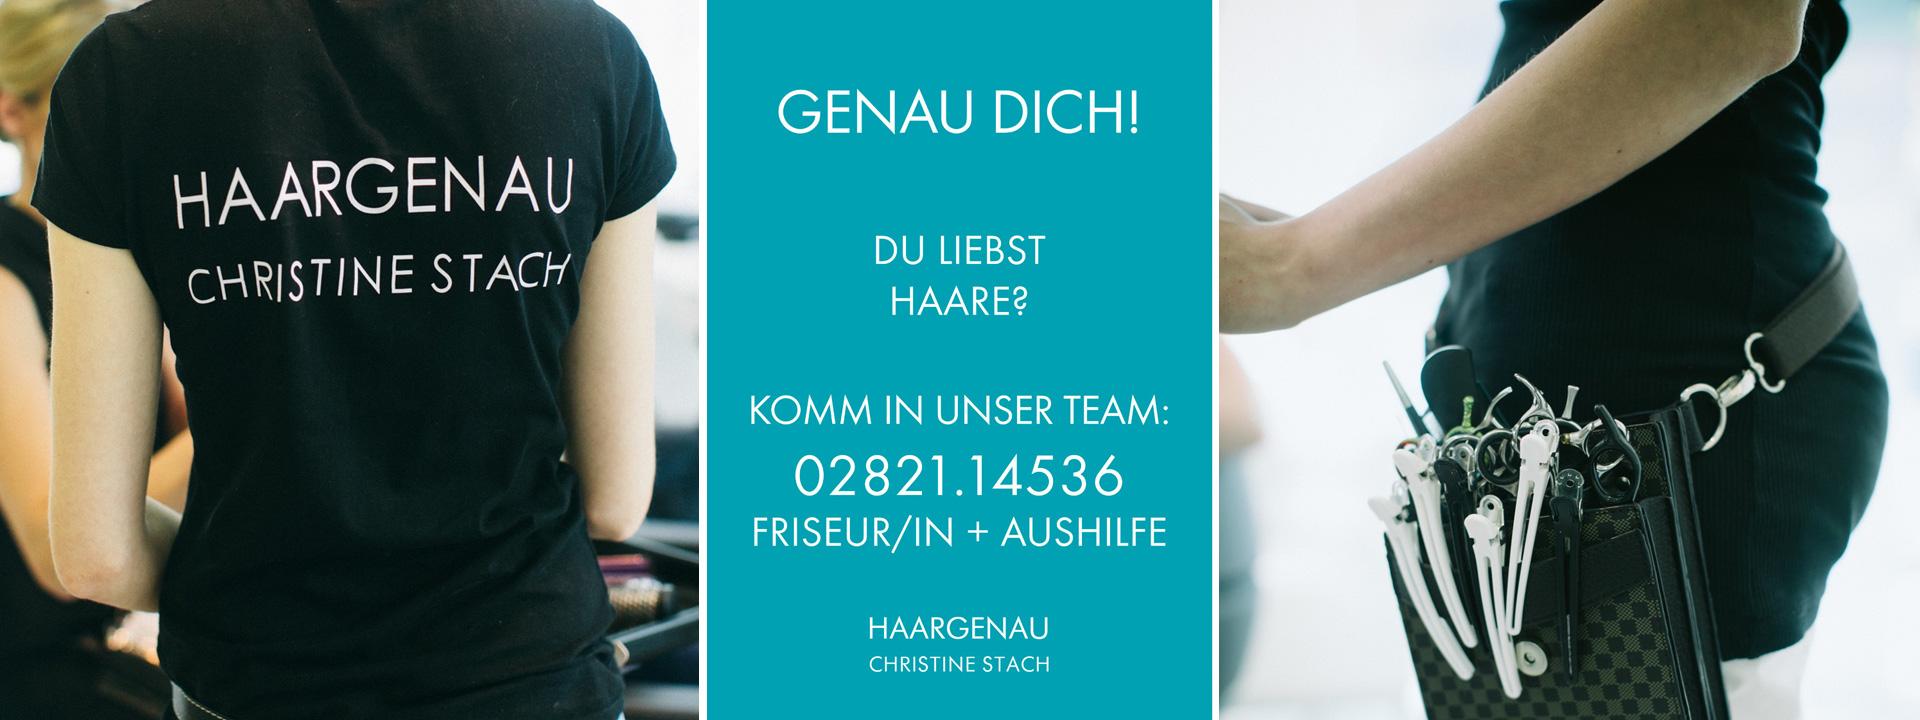 Jobs Friseur/in + Aushilfe gesucht, Haargenau, Christine Stach, Hafenstr. 2, 47533 Kleve